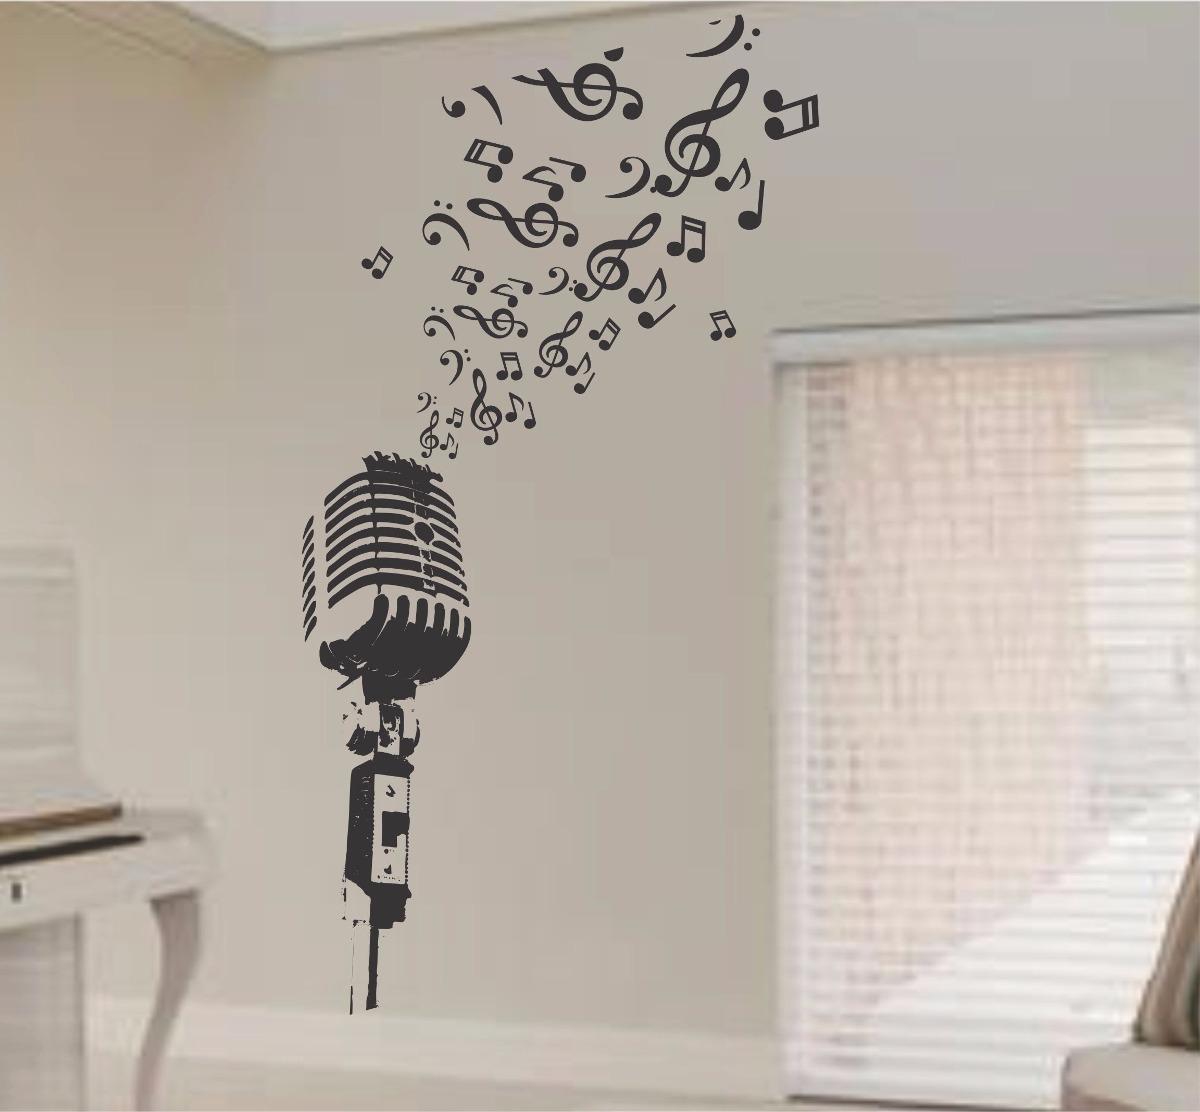 Adesivo Parede Microfone Notas Musicais Clave Sol 2 Metros